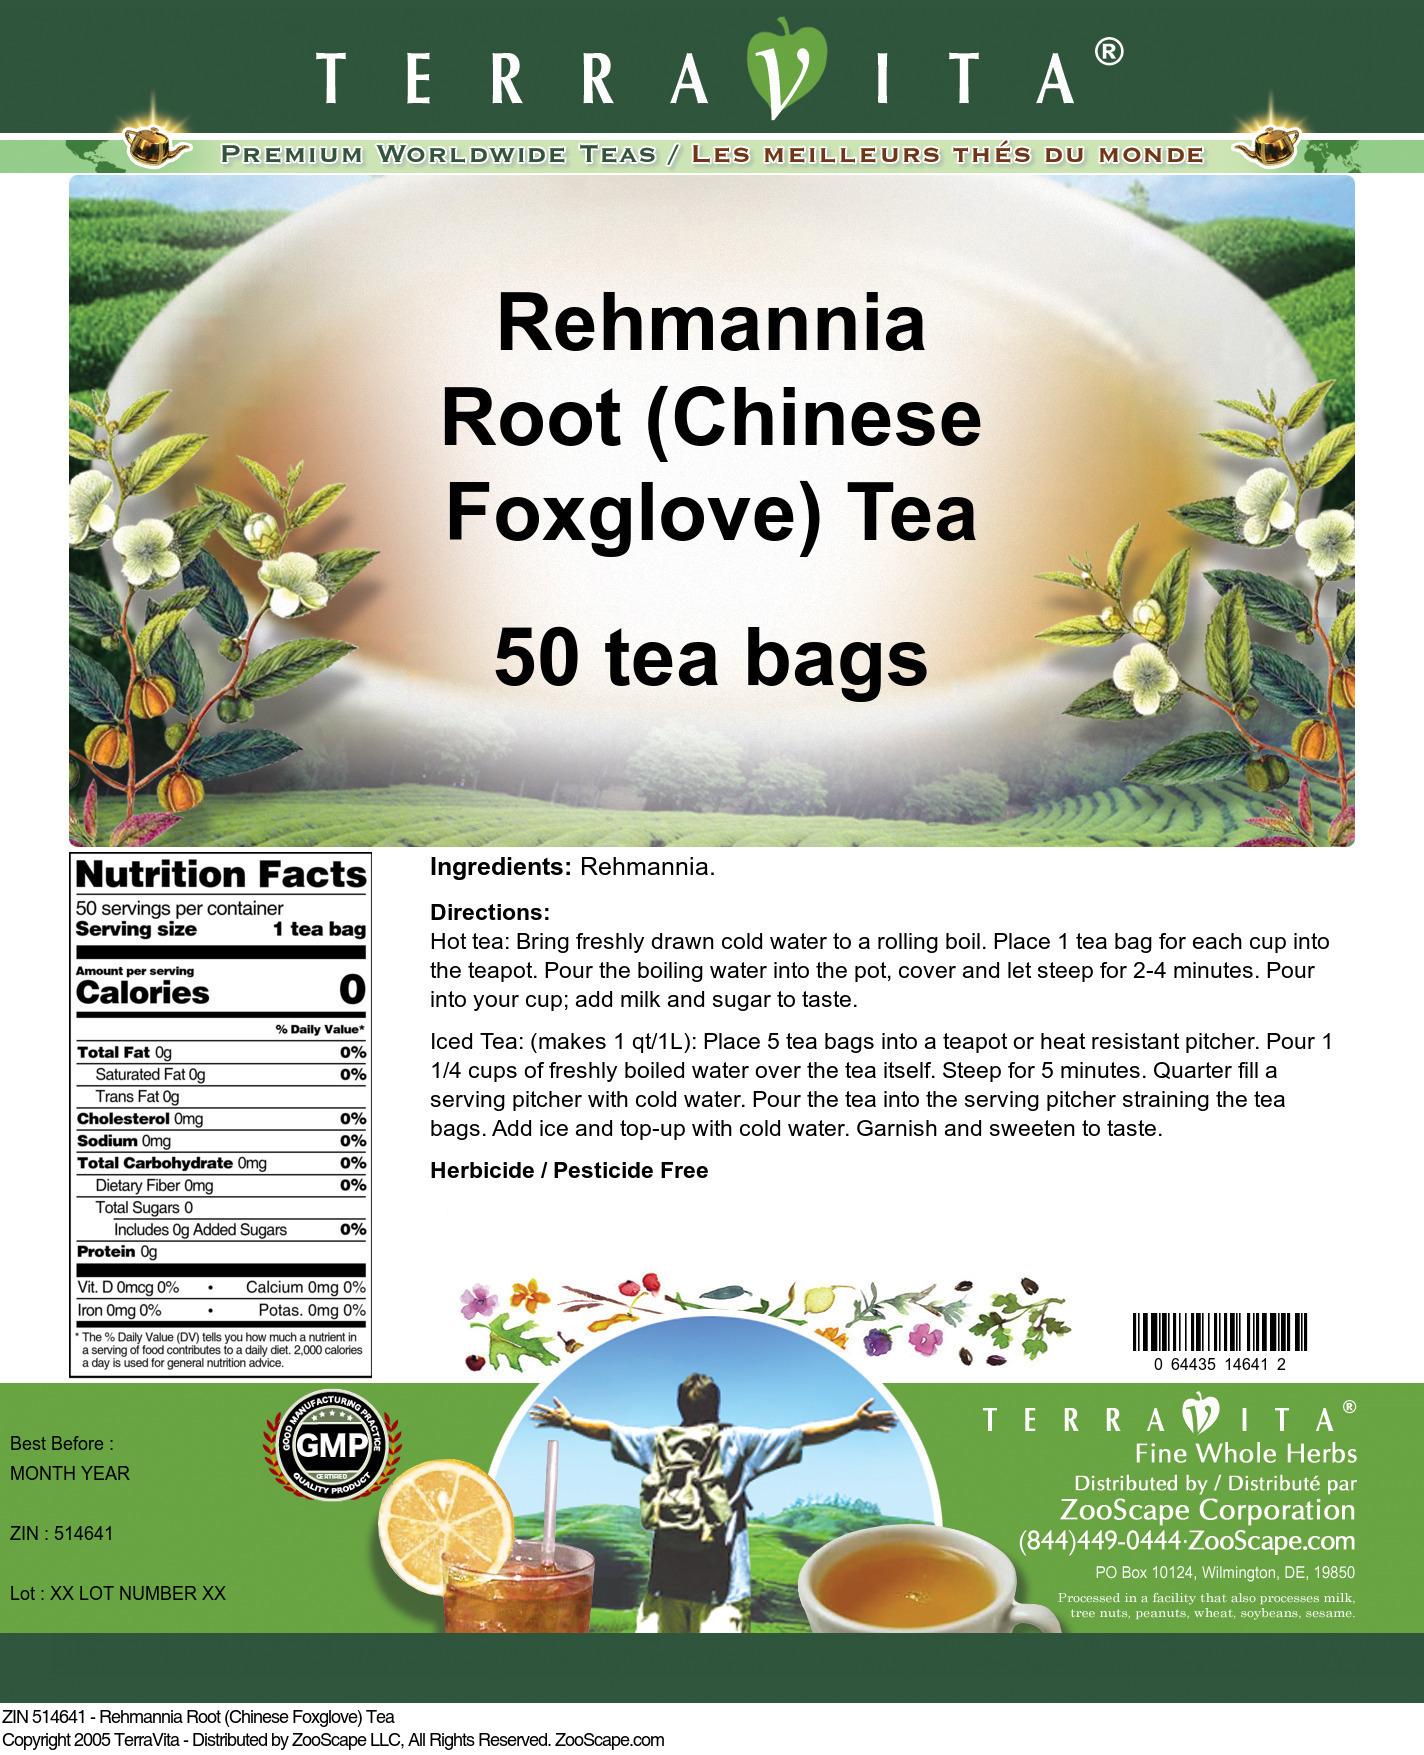 Rehmannia Root (Chinese Foxglove) Tea